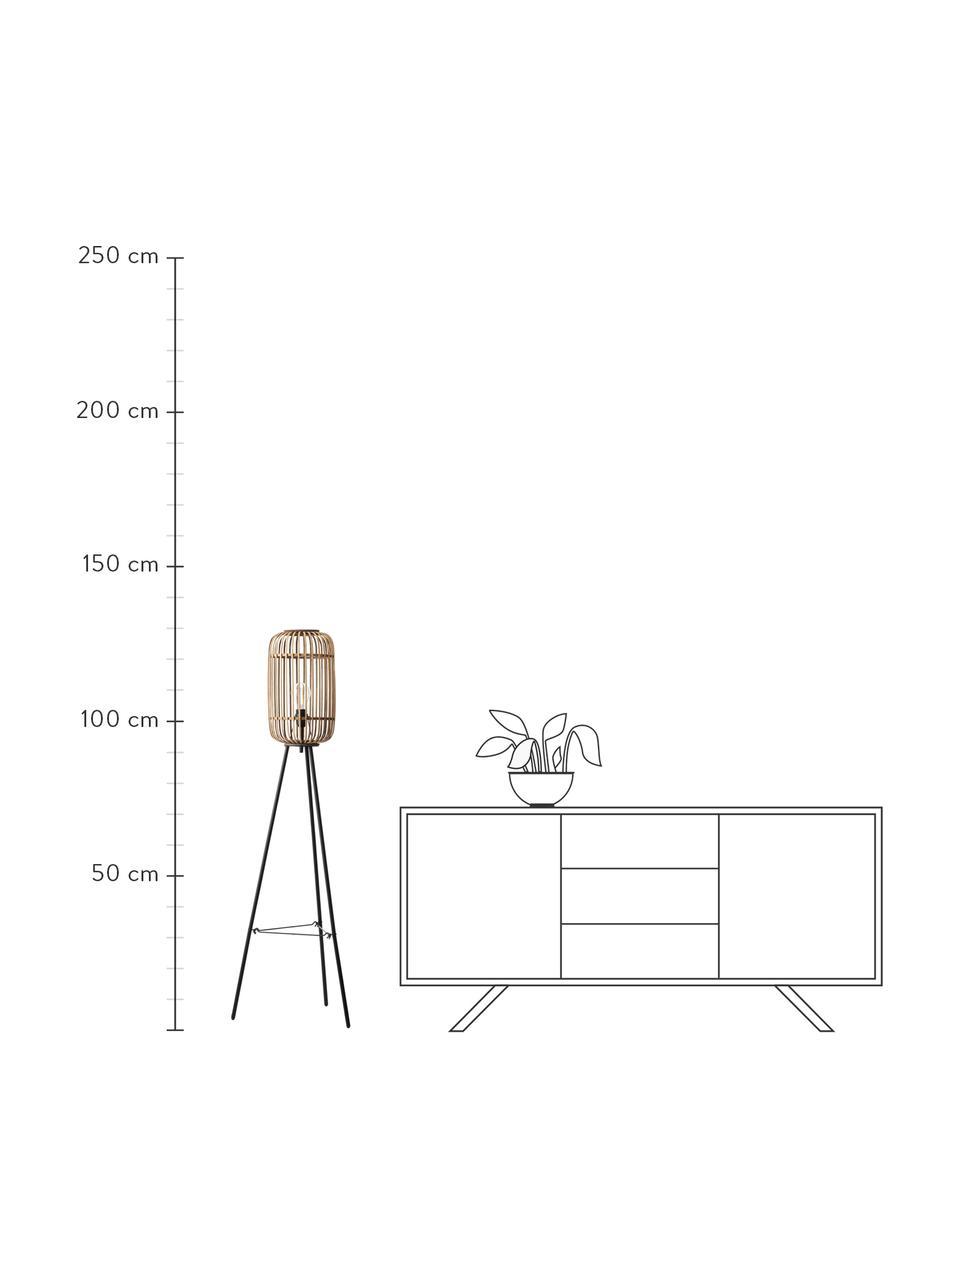 Boho-Stehlampe Woodrow mit Rattanschirm, Lampenschirm: Rattan, Lampenfuß: Metall, Rattan, Schwarz, Ø 45 x H 130 cm